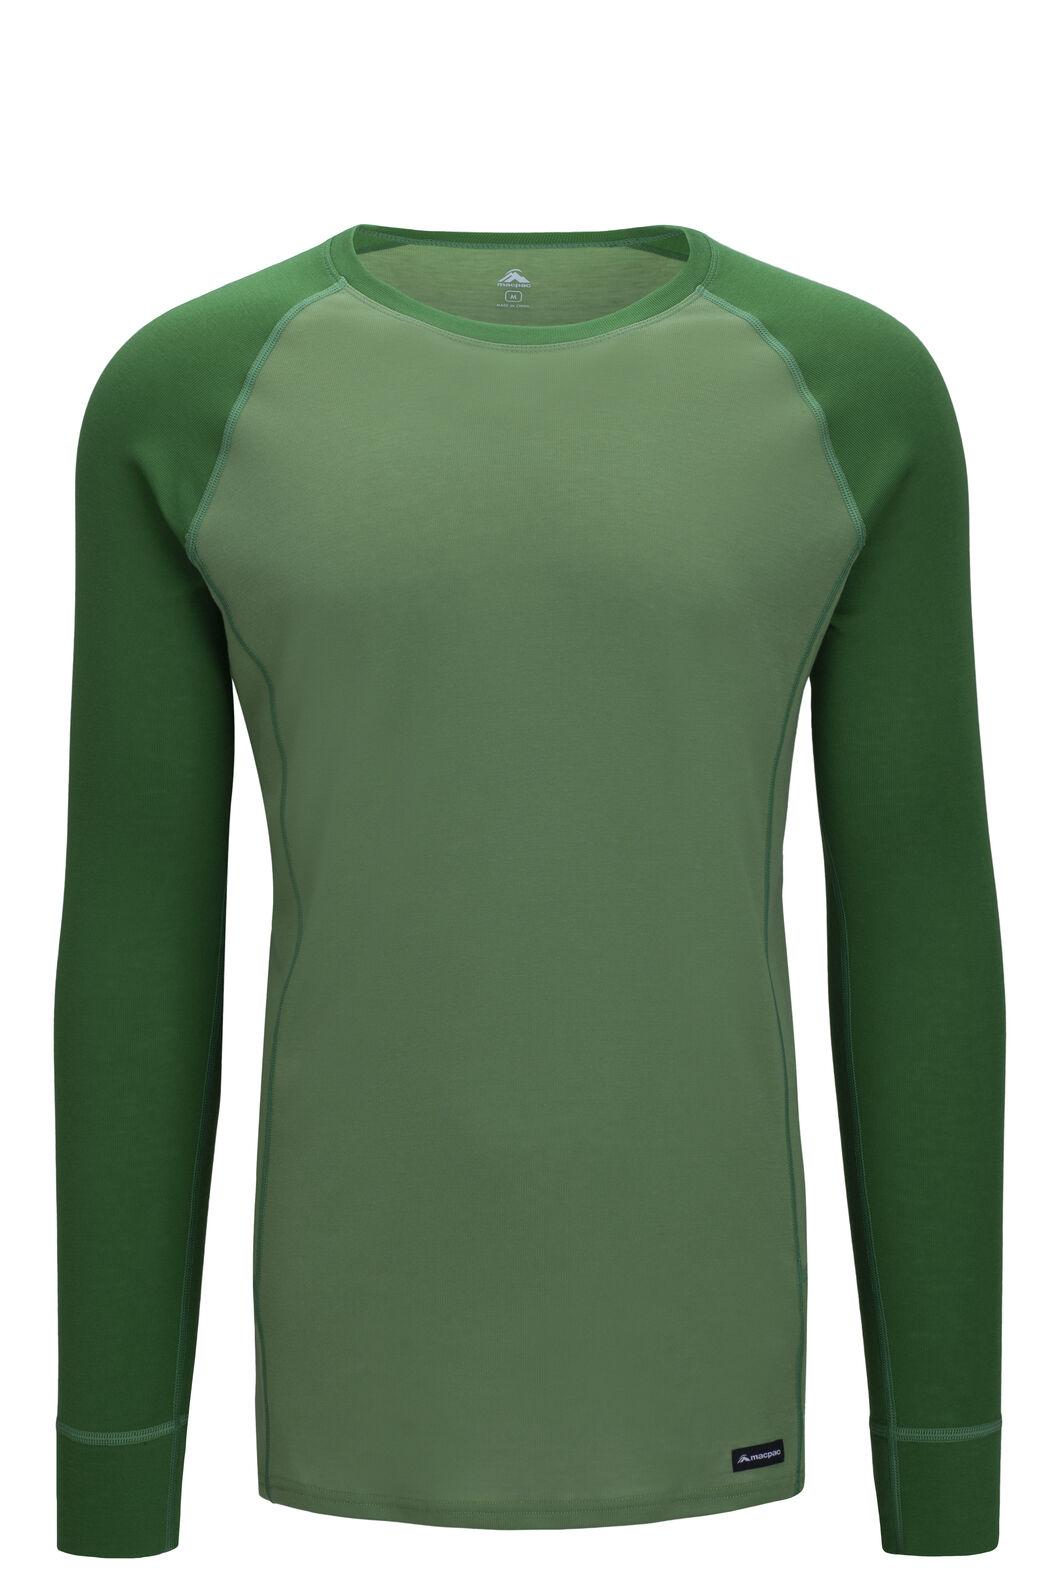 Macpac Geothermal Long Sleeve Top — Men's, Juniper/Jade Green, hi-res